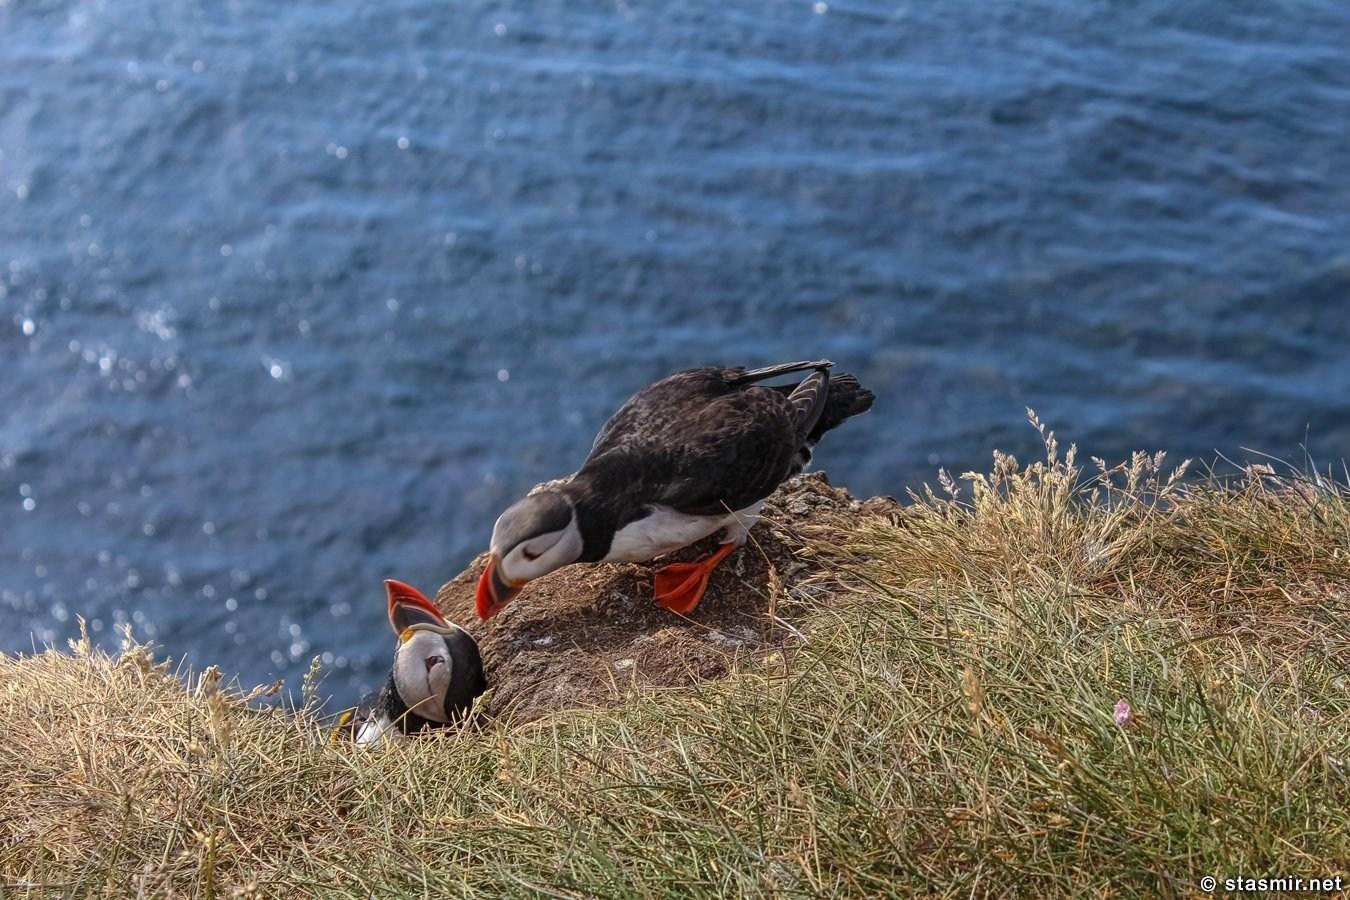 поцелуй тупиков на самой длинной скале в Европе, puffins, lundi, Вестфирдир, Vestfirðir, West Fjords, Photo Stasmir, Фото Стасмир, Фото Станислав Смирнов, Photo Stanislav Smirnov